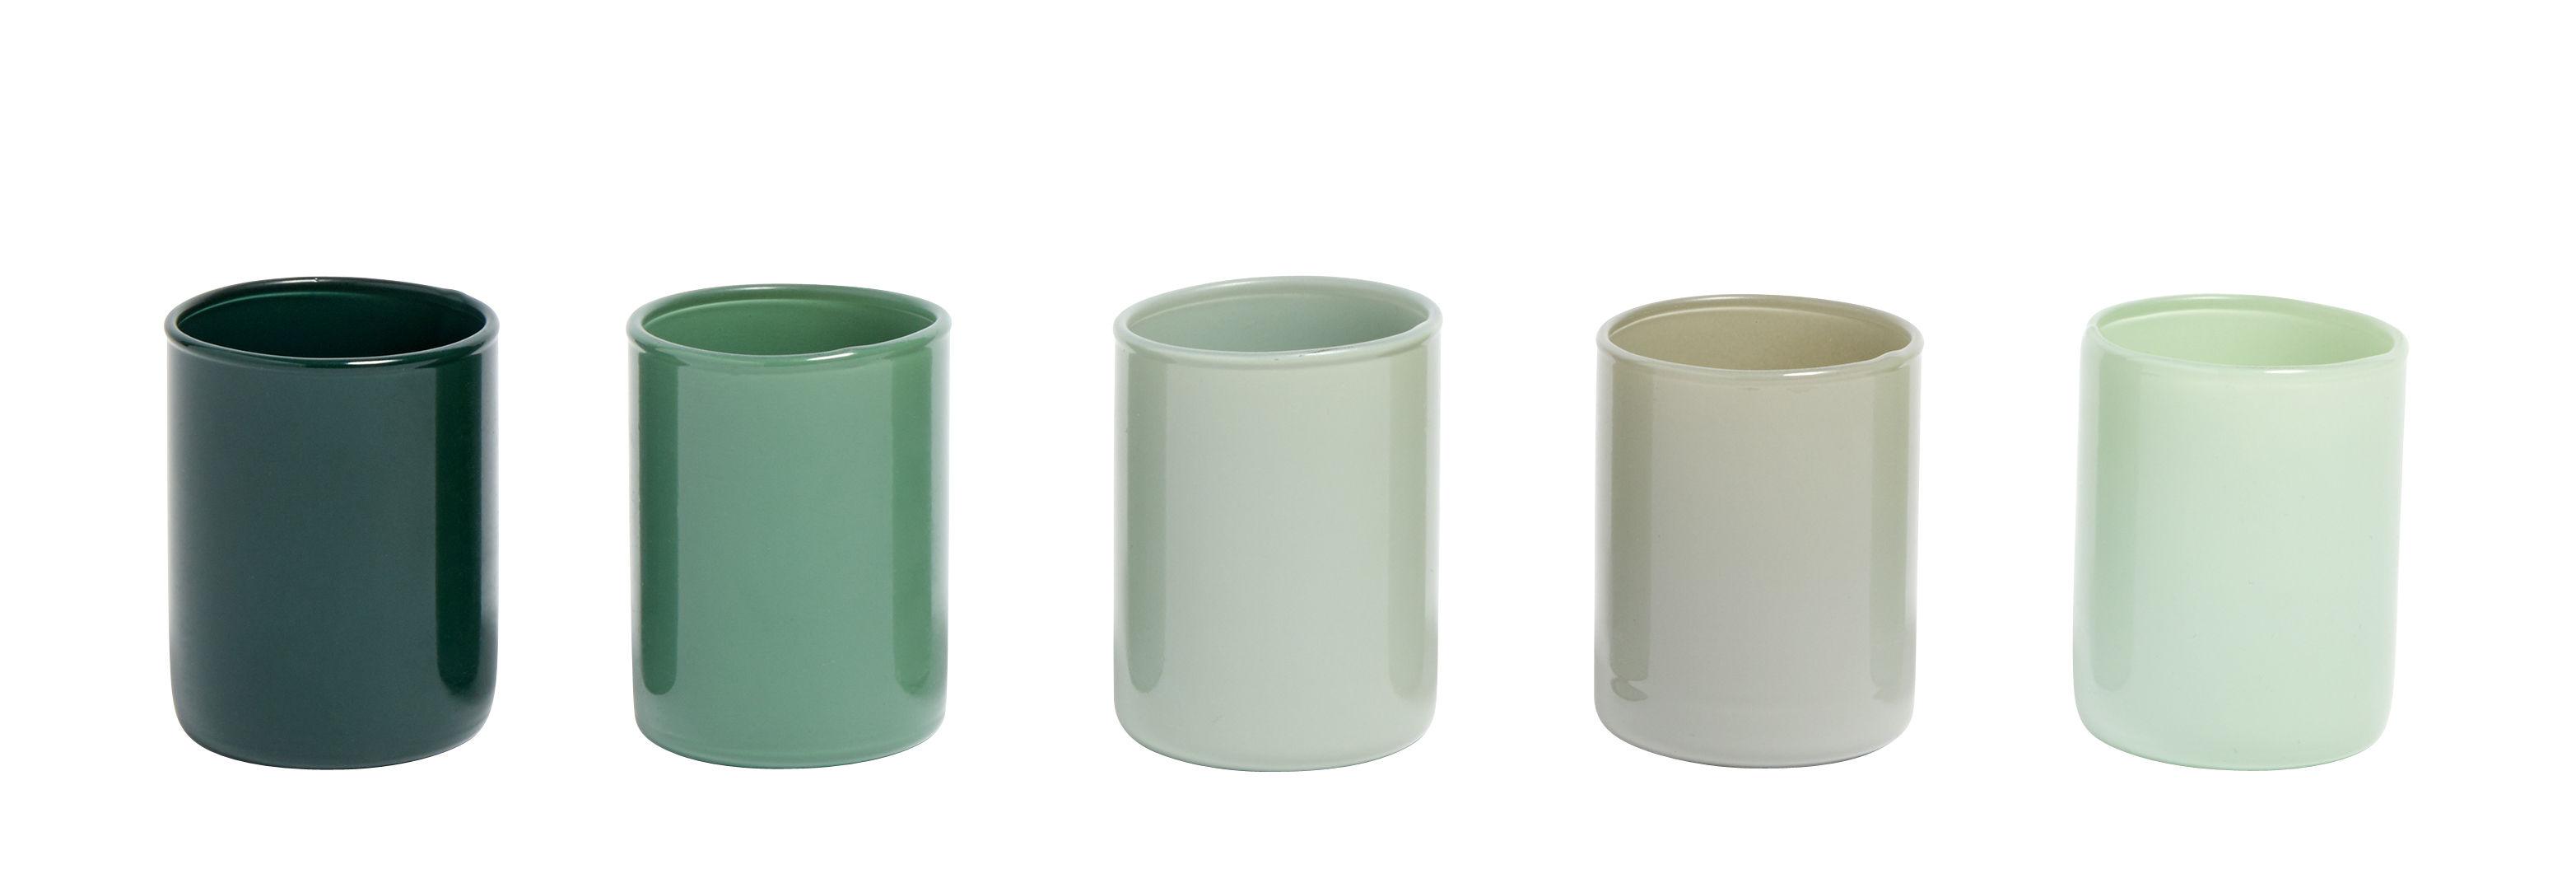 Interni - Candele, Portacandele, Lampade - Portacandela Spot - / Set da 5 - Vetro di Hay - Verde - Vetro